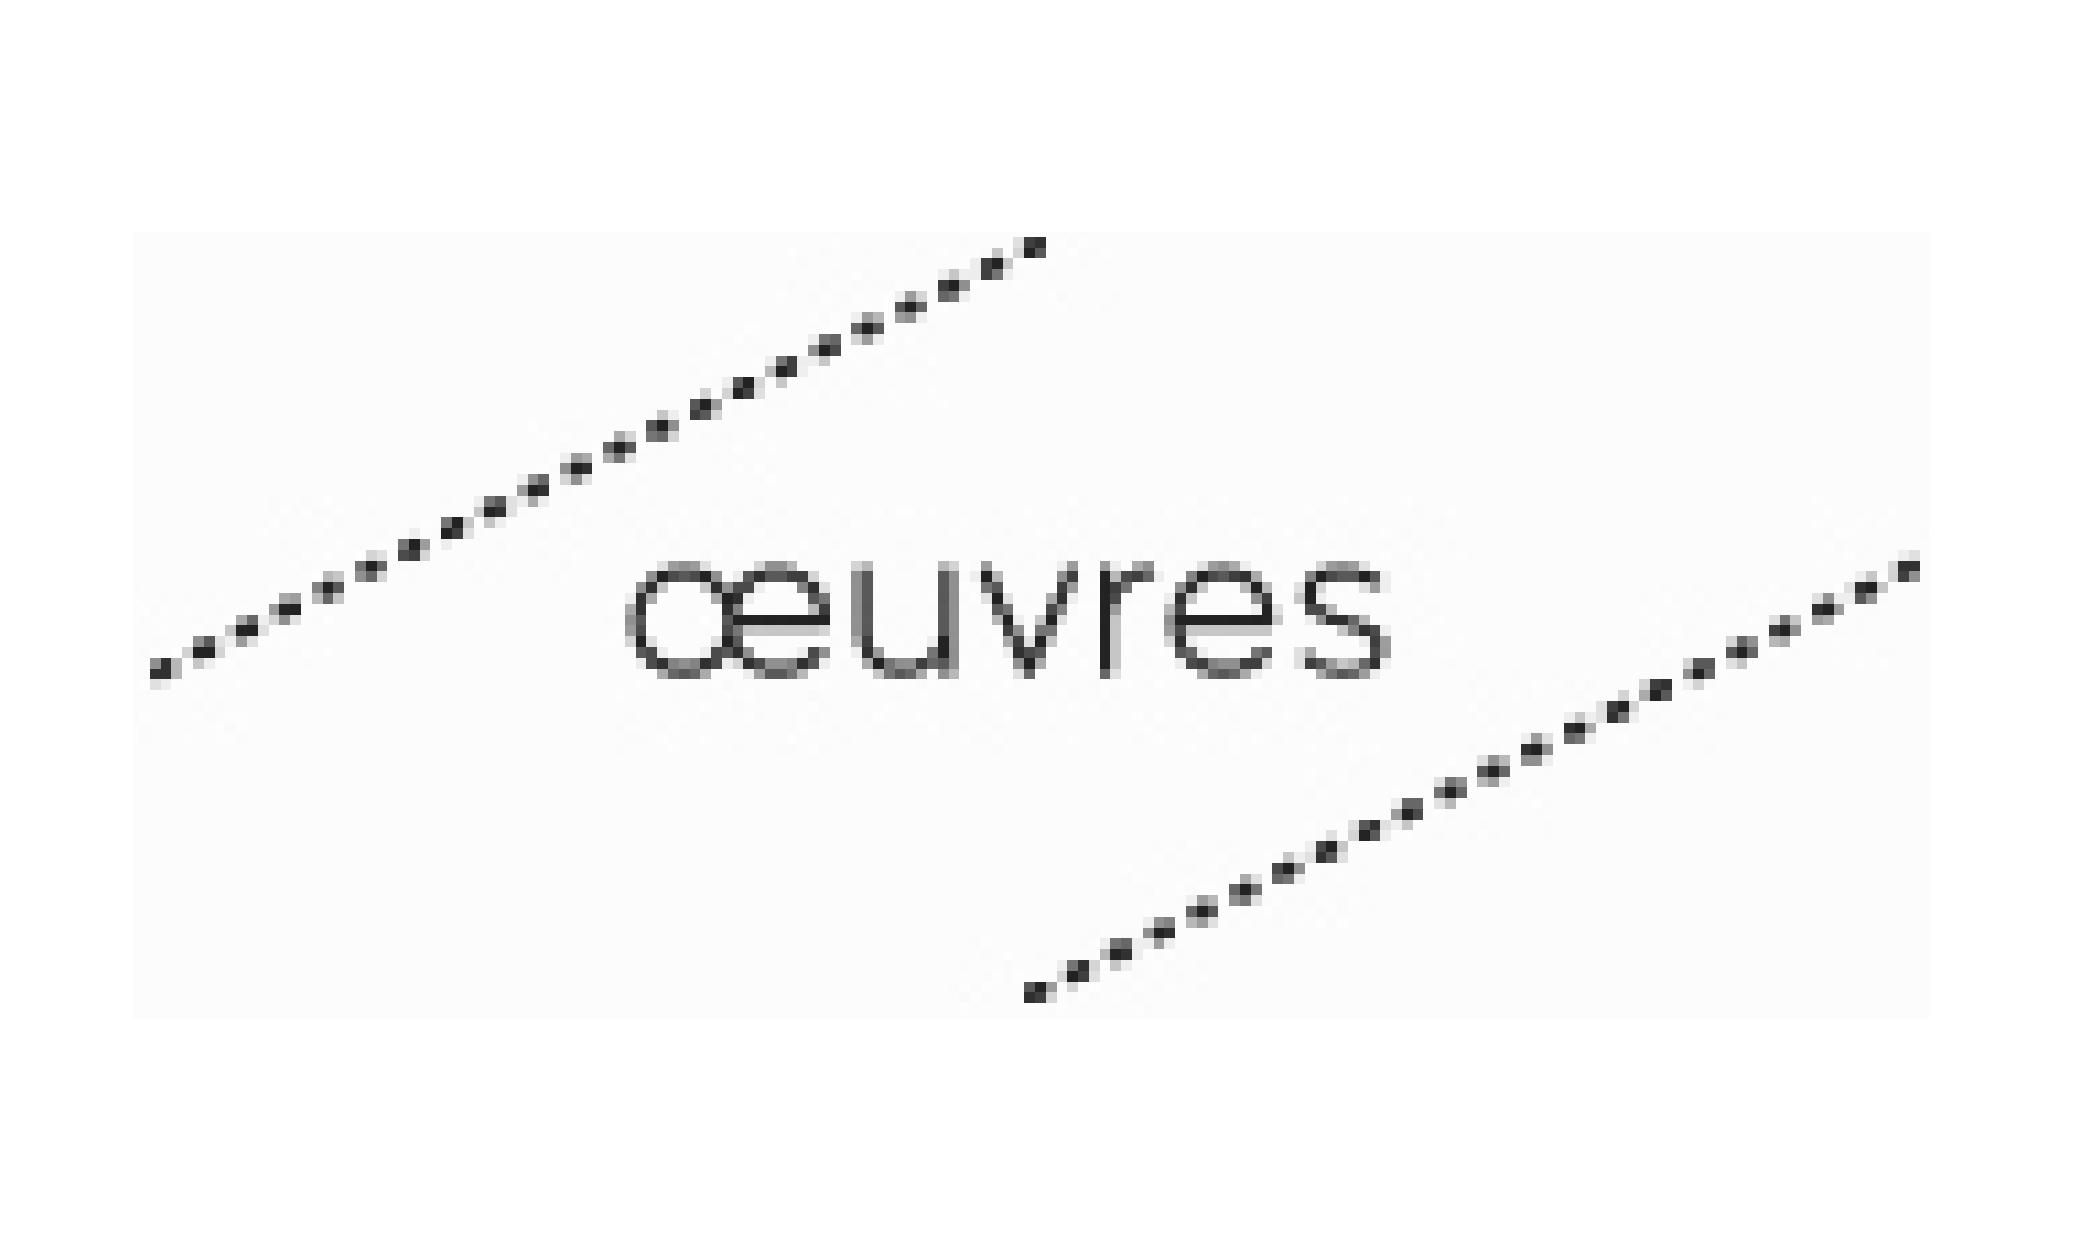 Oeuvres-revue.net, Benoît Blanchard, Décembre 2014